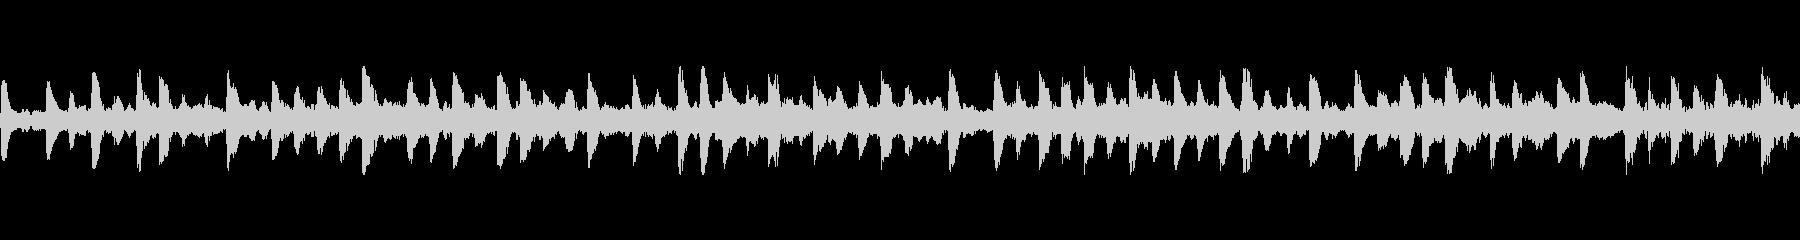 シンキングタイムのBGM(ループ素材)の未再生の波形